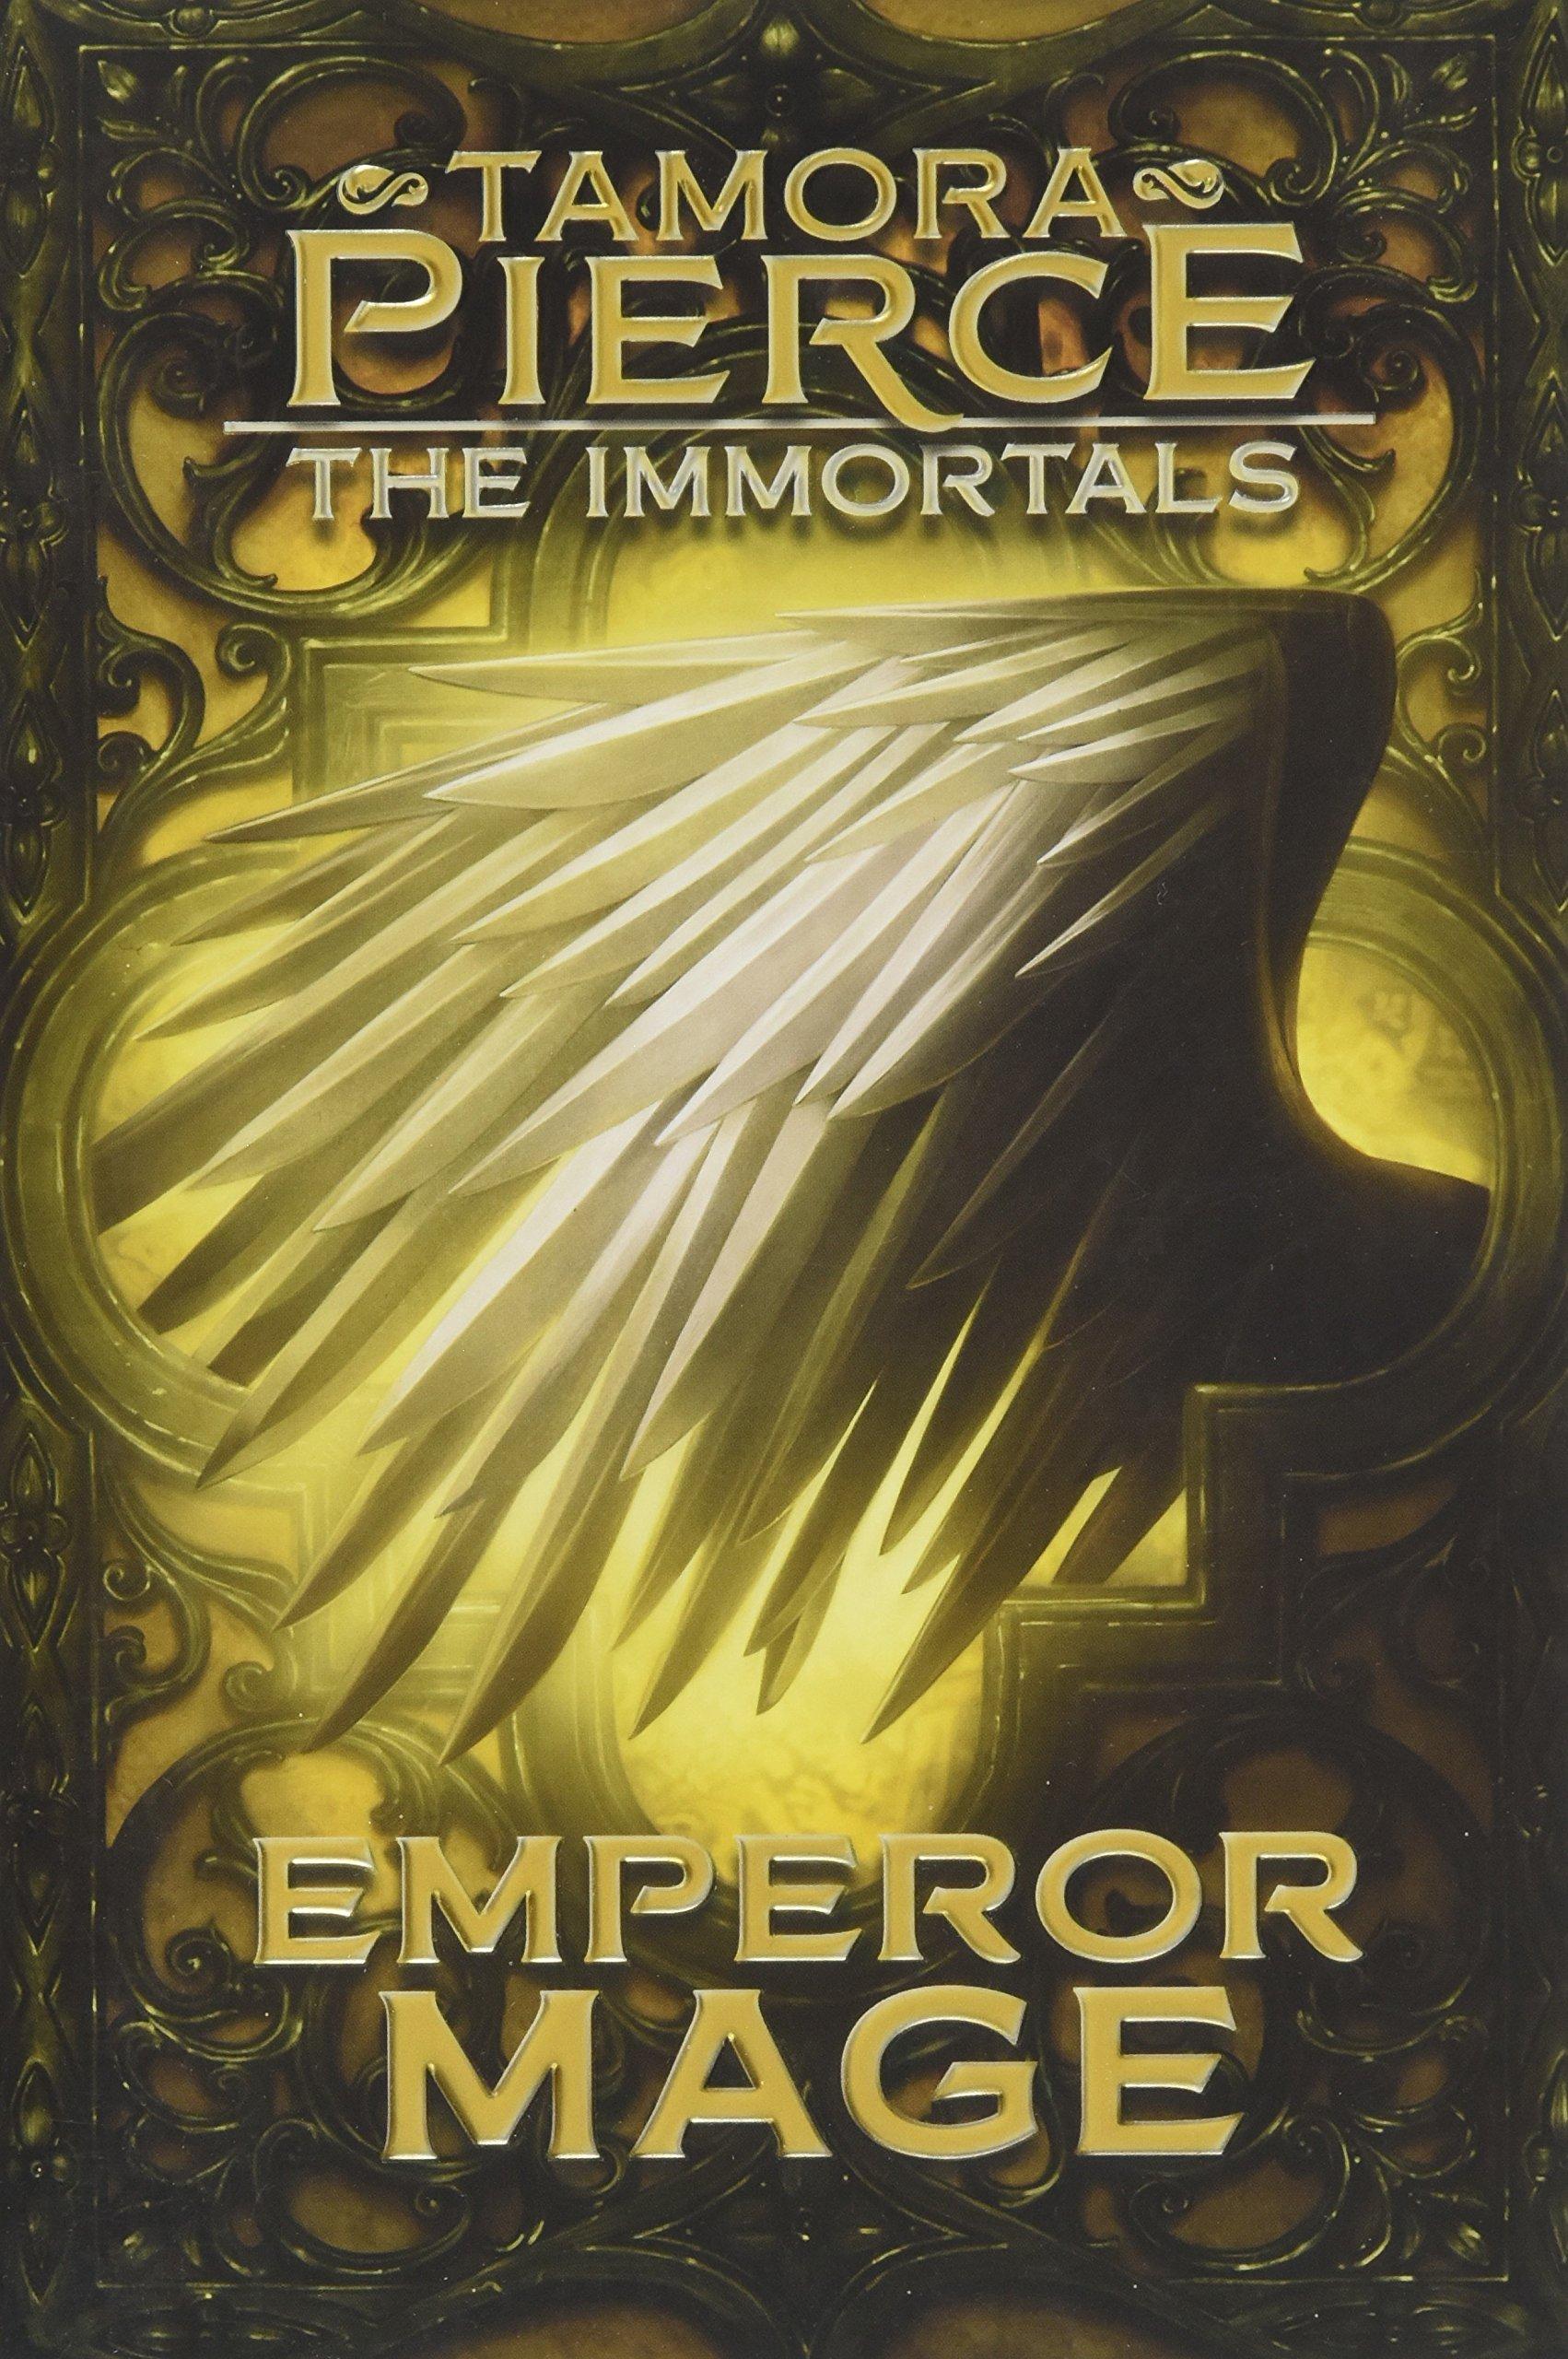 Amazon emperor mage the immortals 9781481440264 tamora amazon emperor mage the immortals 9781481440264 tamora pierce books fandeluxe Choice Image